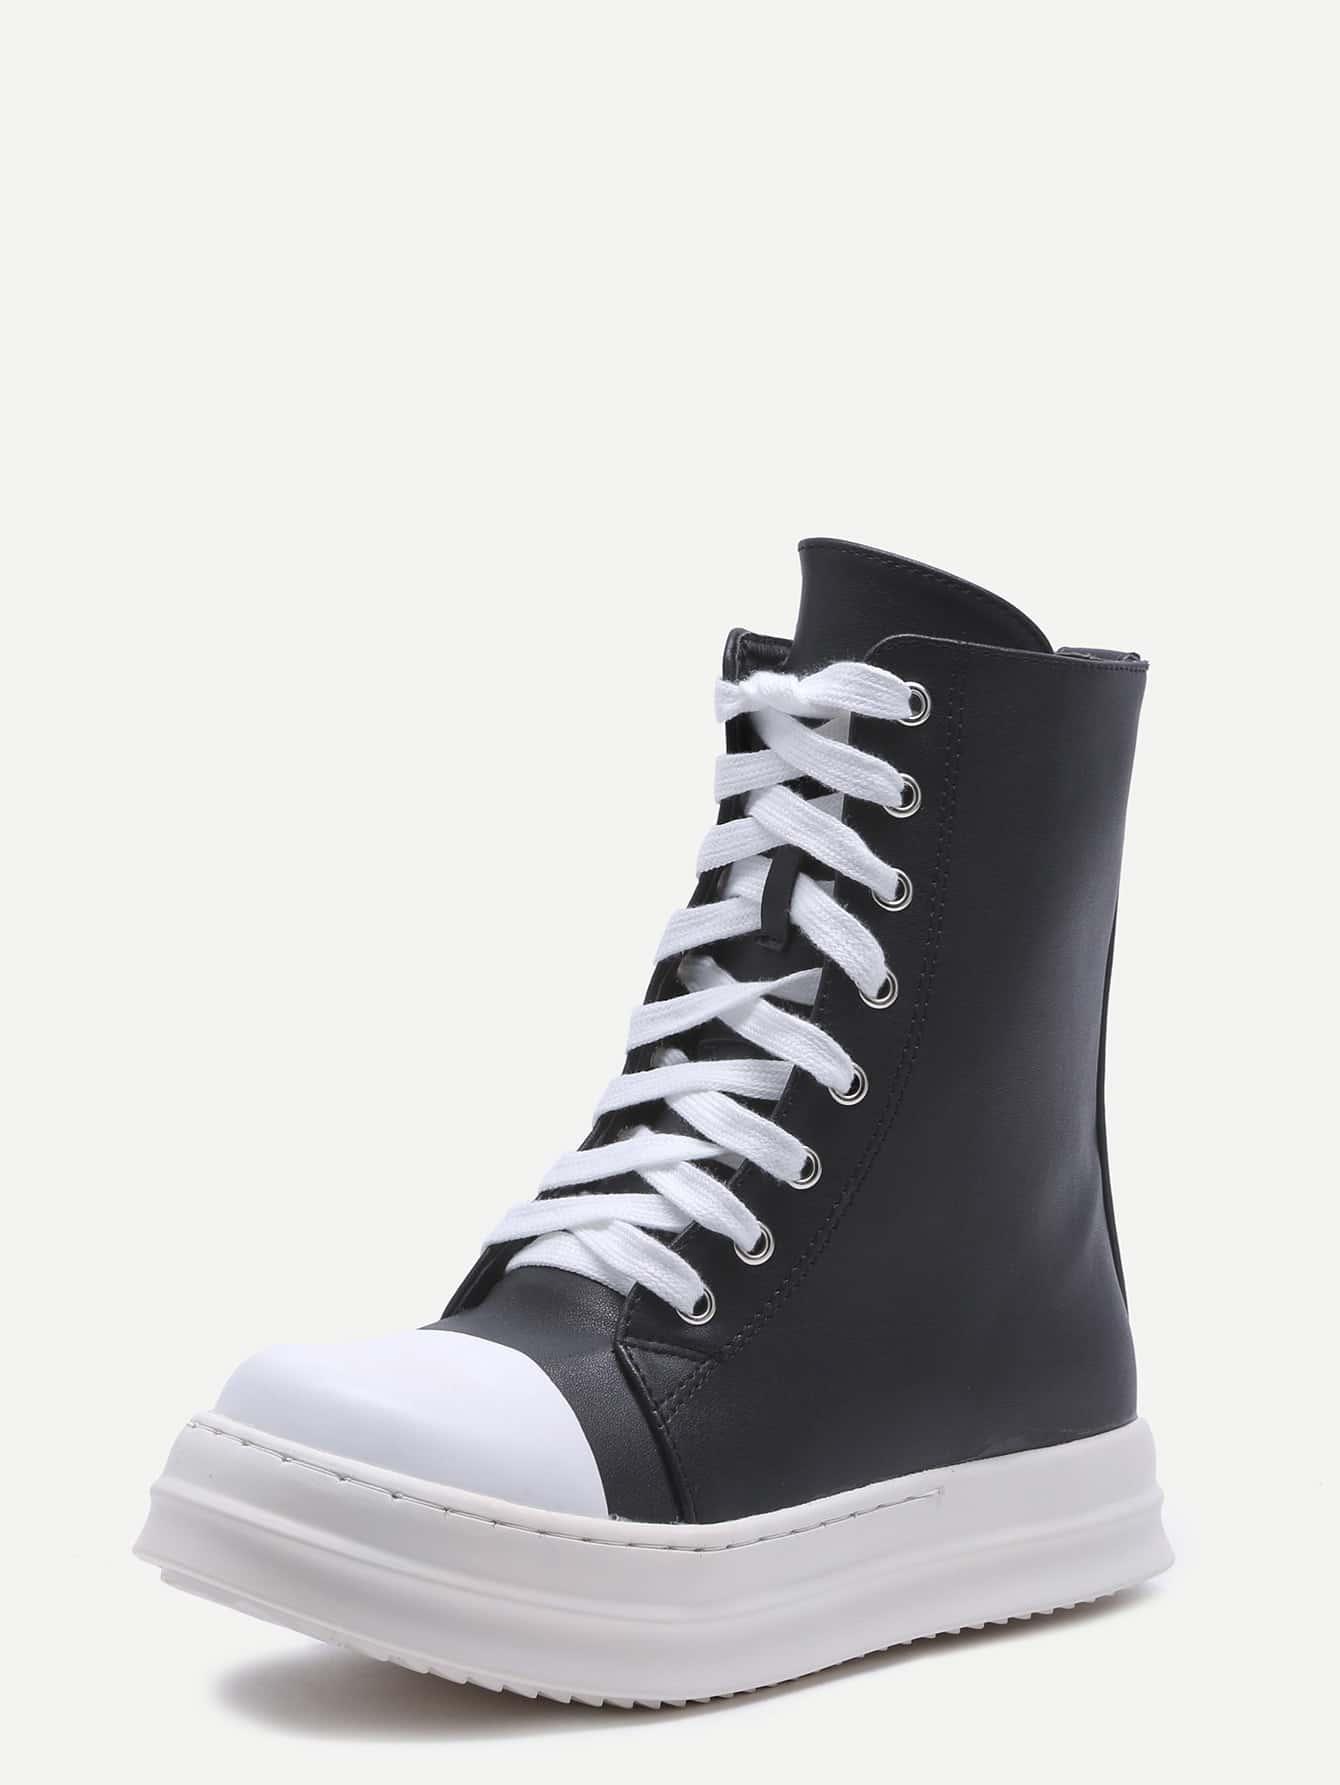 shoes161103814_2